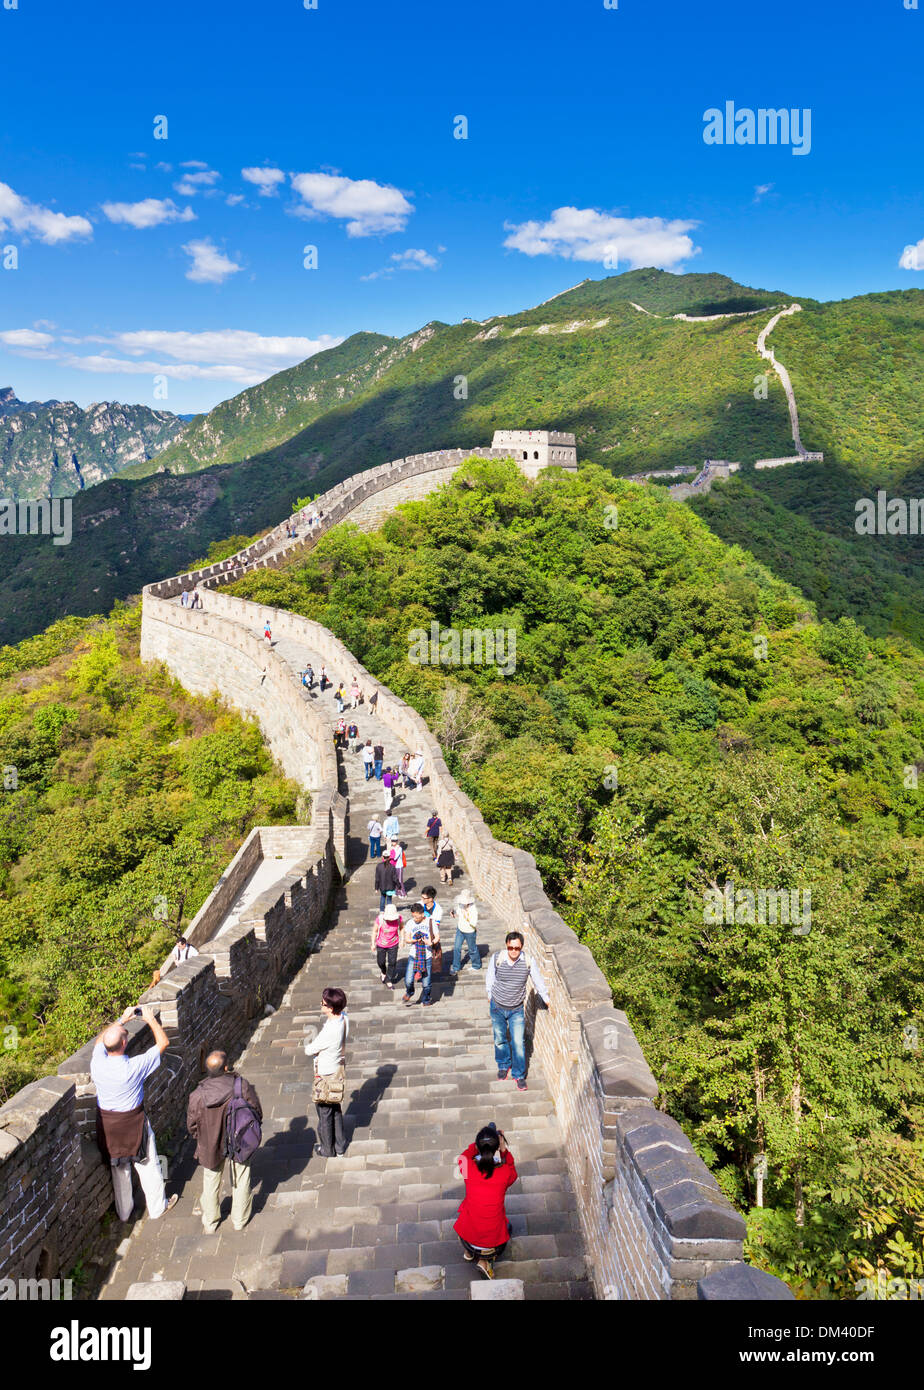 I turisti in visita della Grande Muraglia Cinese, Sito Patrimonio Mondiale dell'UNESCO, Mutianyu, Distretto di Pechino, Cina, Asia Immagini Stock